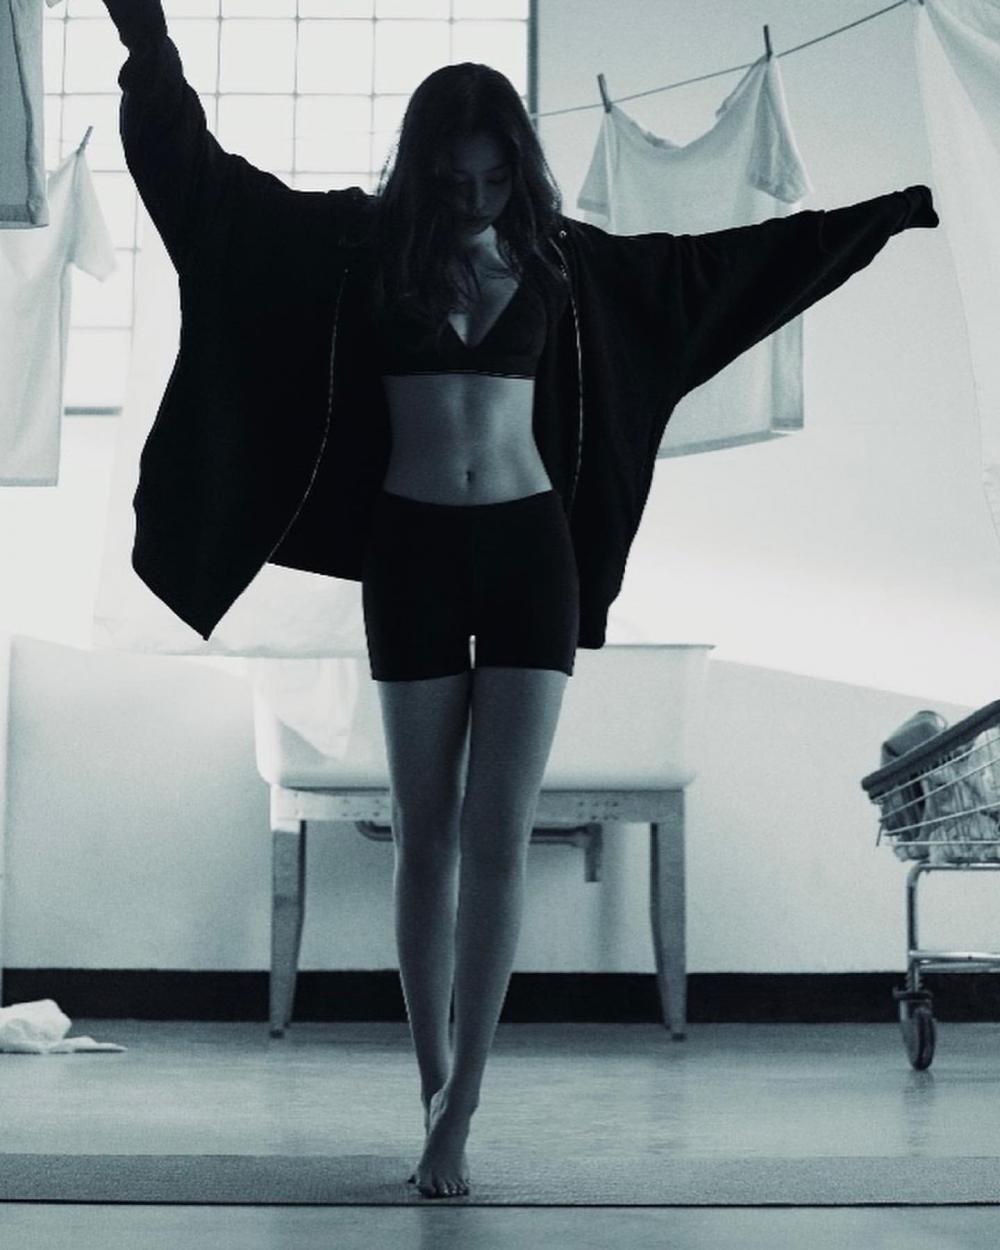 BLACKPINK Jennie, Кайа Гербер нар Calvin Klein-ий шинэ сурталчилгаанд (фото 6)